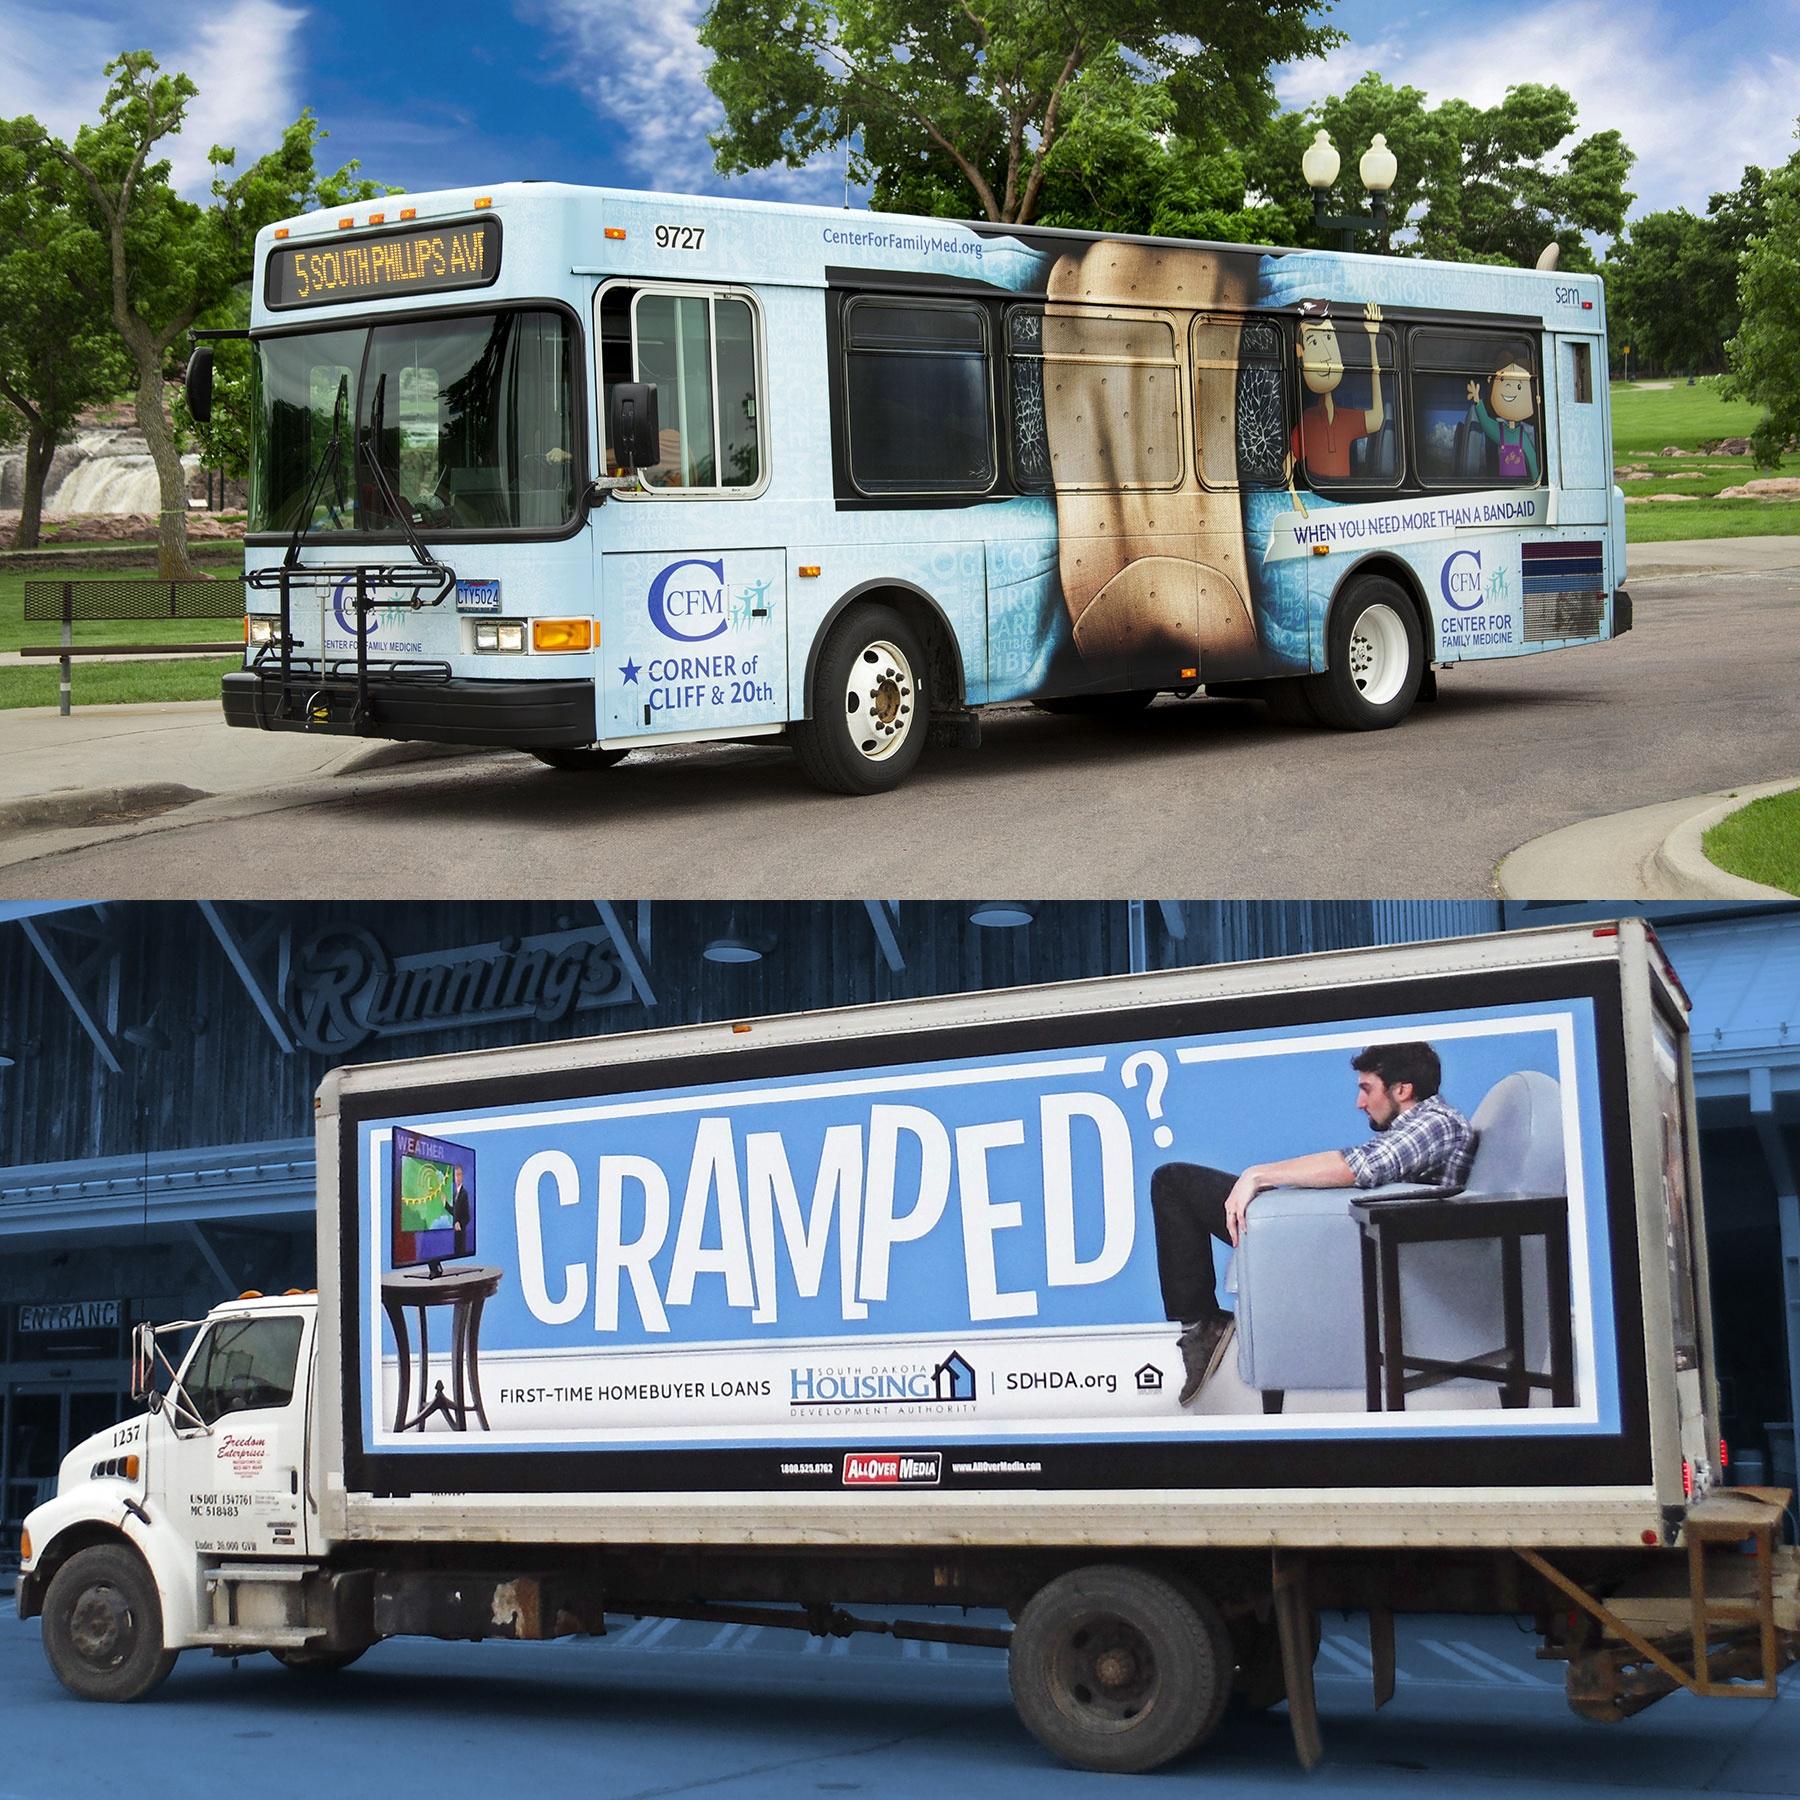 TransportationMktg_SDHDA_CFM.jpg